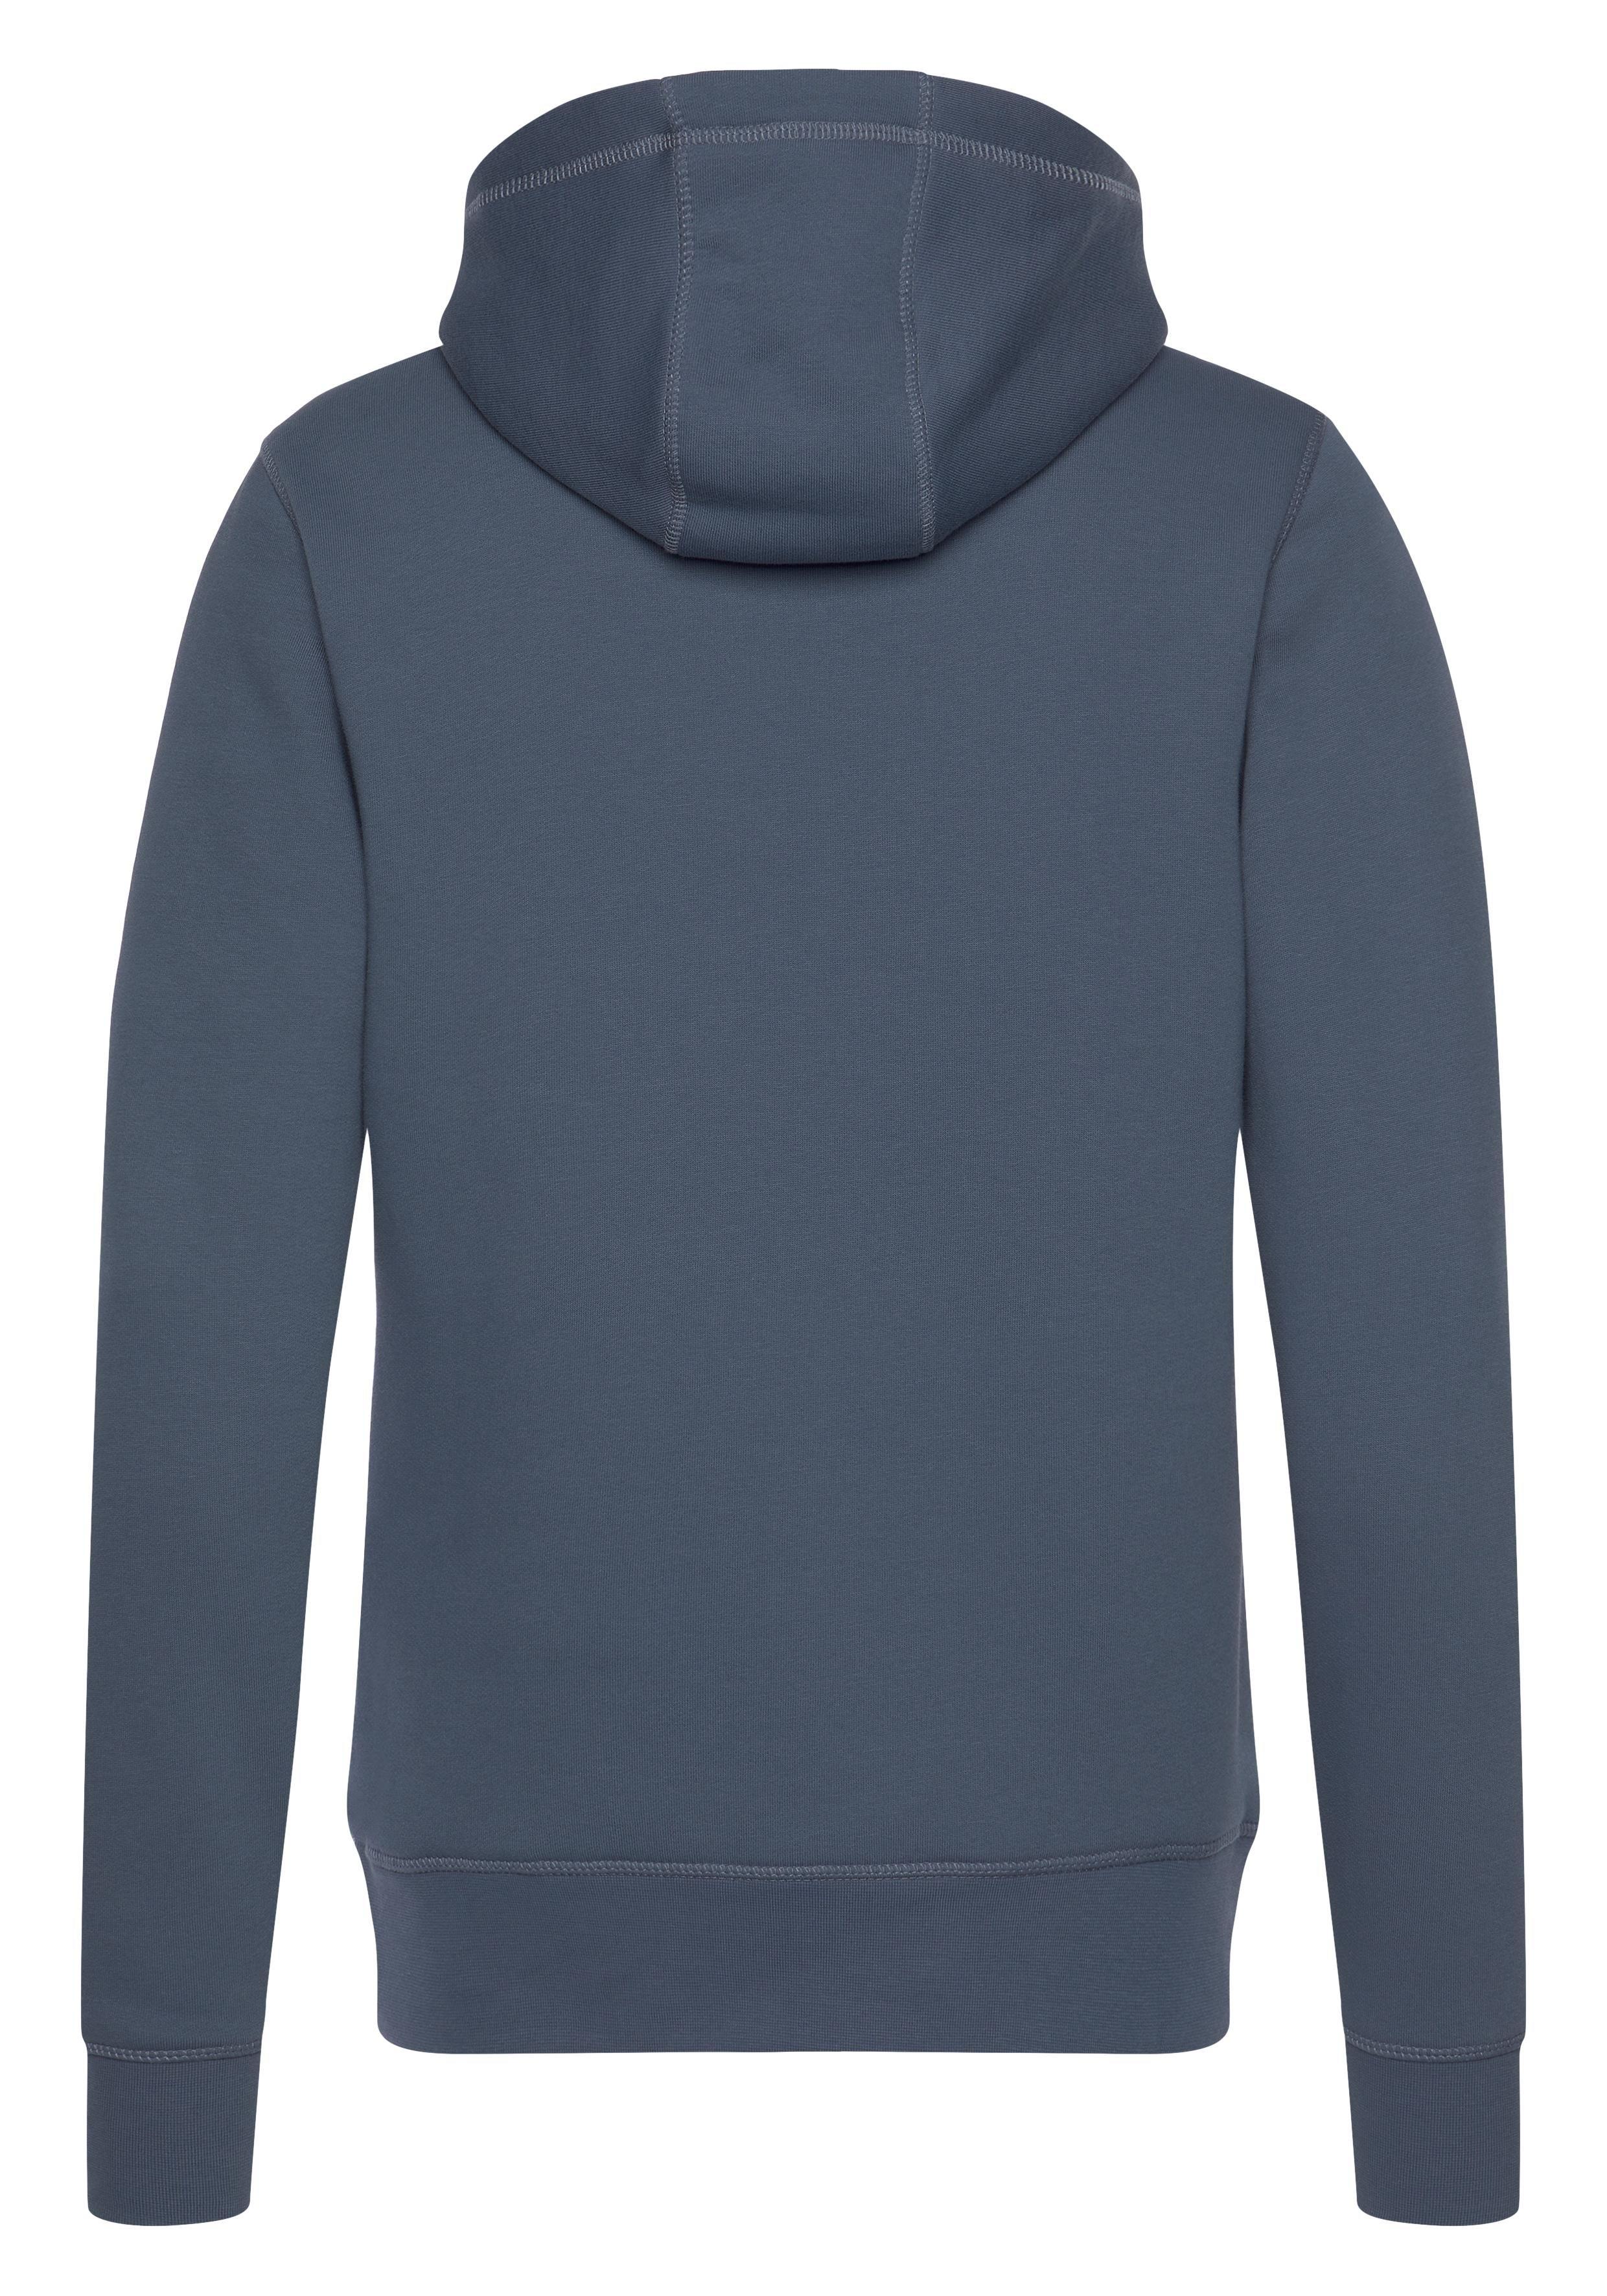 TOMMY HILFIGER hoodie »TOMMY LOGO HOODY« - gratis ruilen op otto.nl